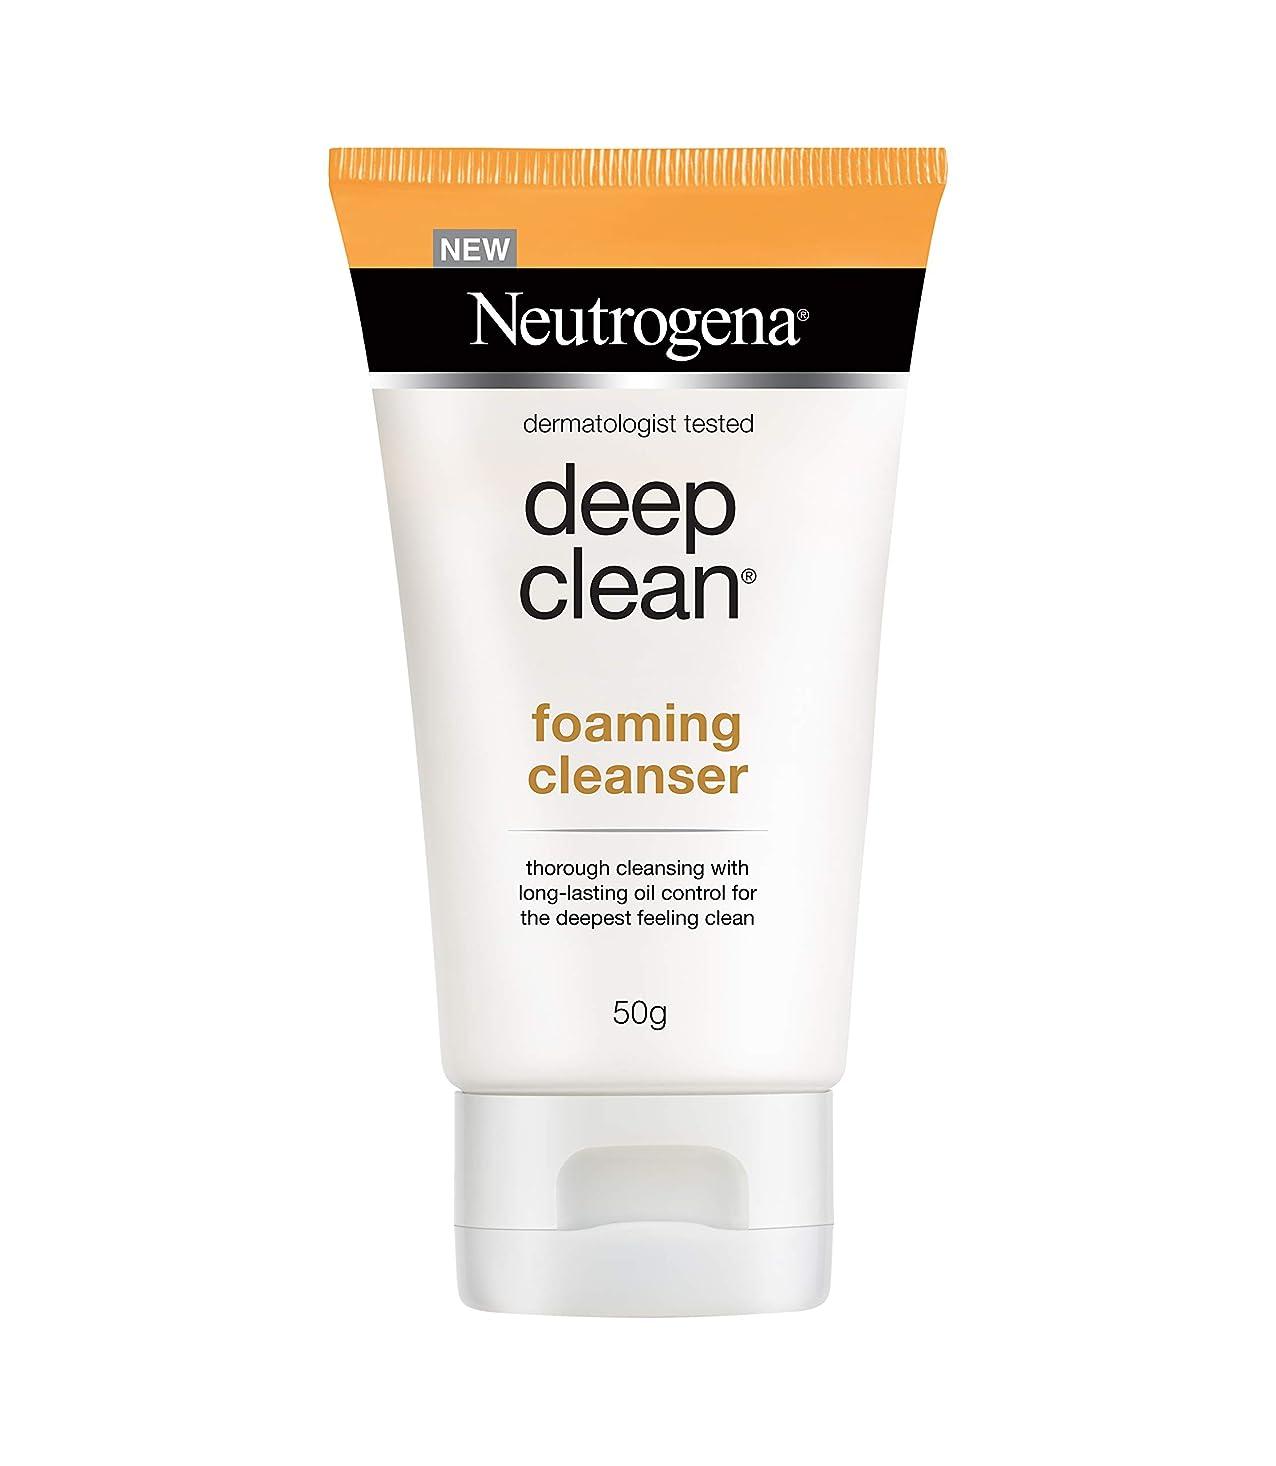 サーカス正しいスーパーマーケットNeutrogena Deep Clean Foaming Cleanser, 50g